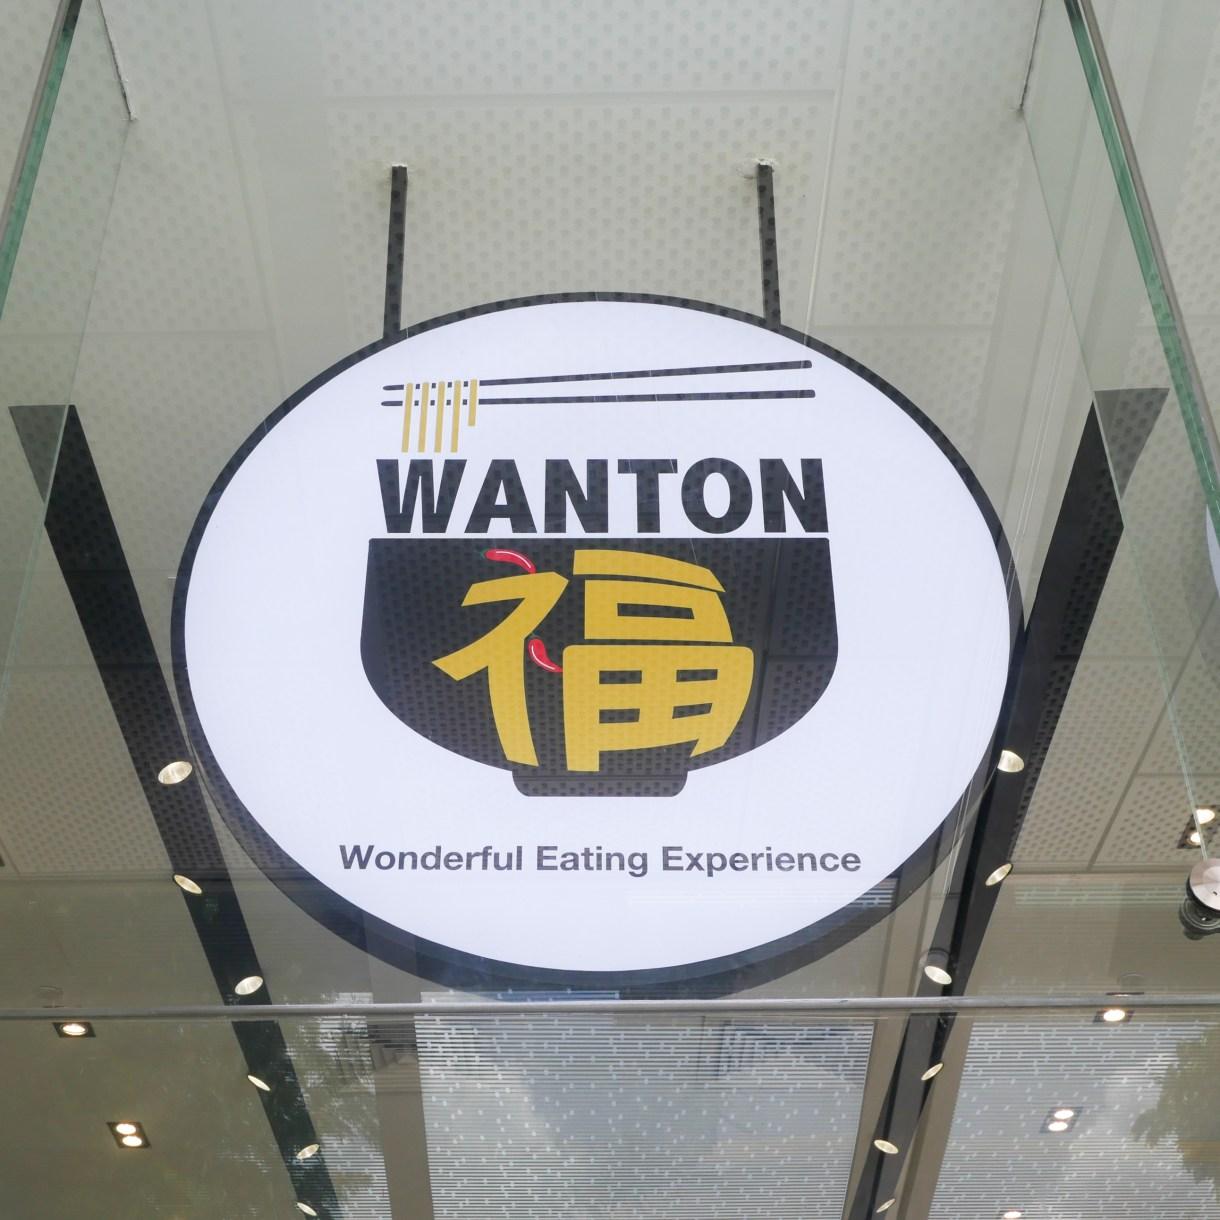 Wanton Fu $2 deal